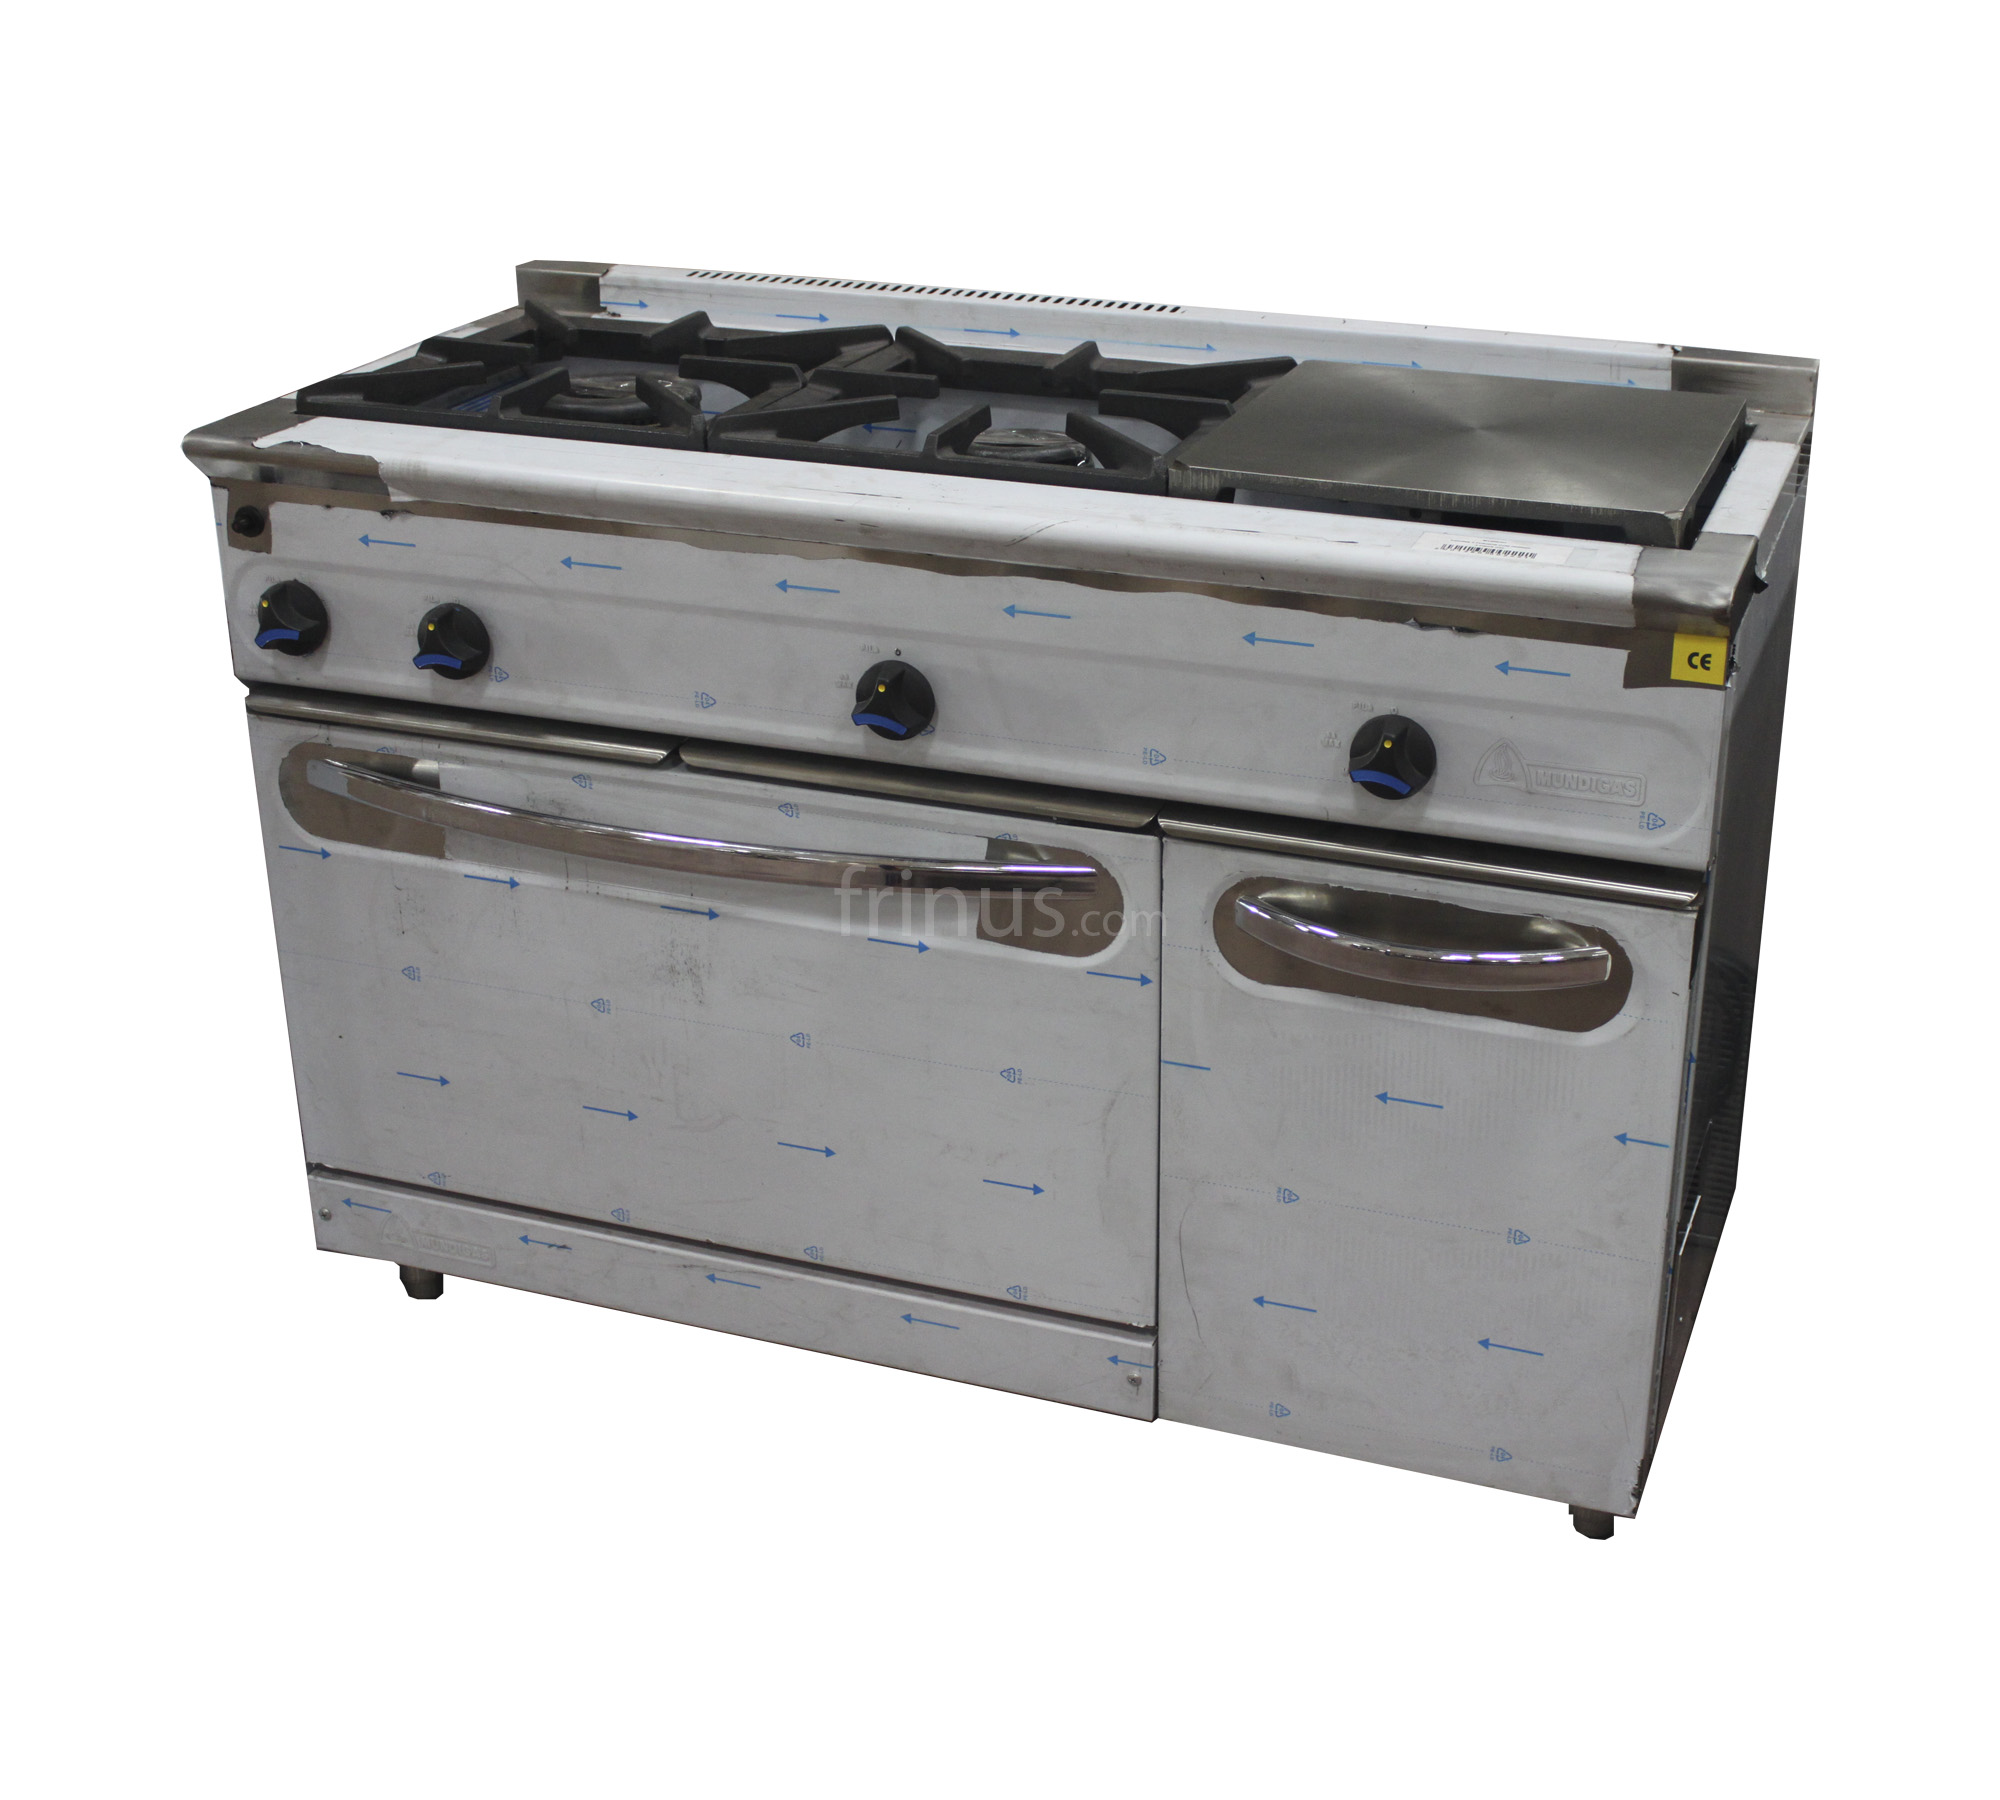 Cocina a gas 3 fuegos con horno maquinaria hosteler a for Horno hosteleria segunda mano